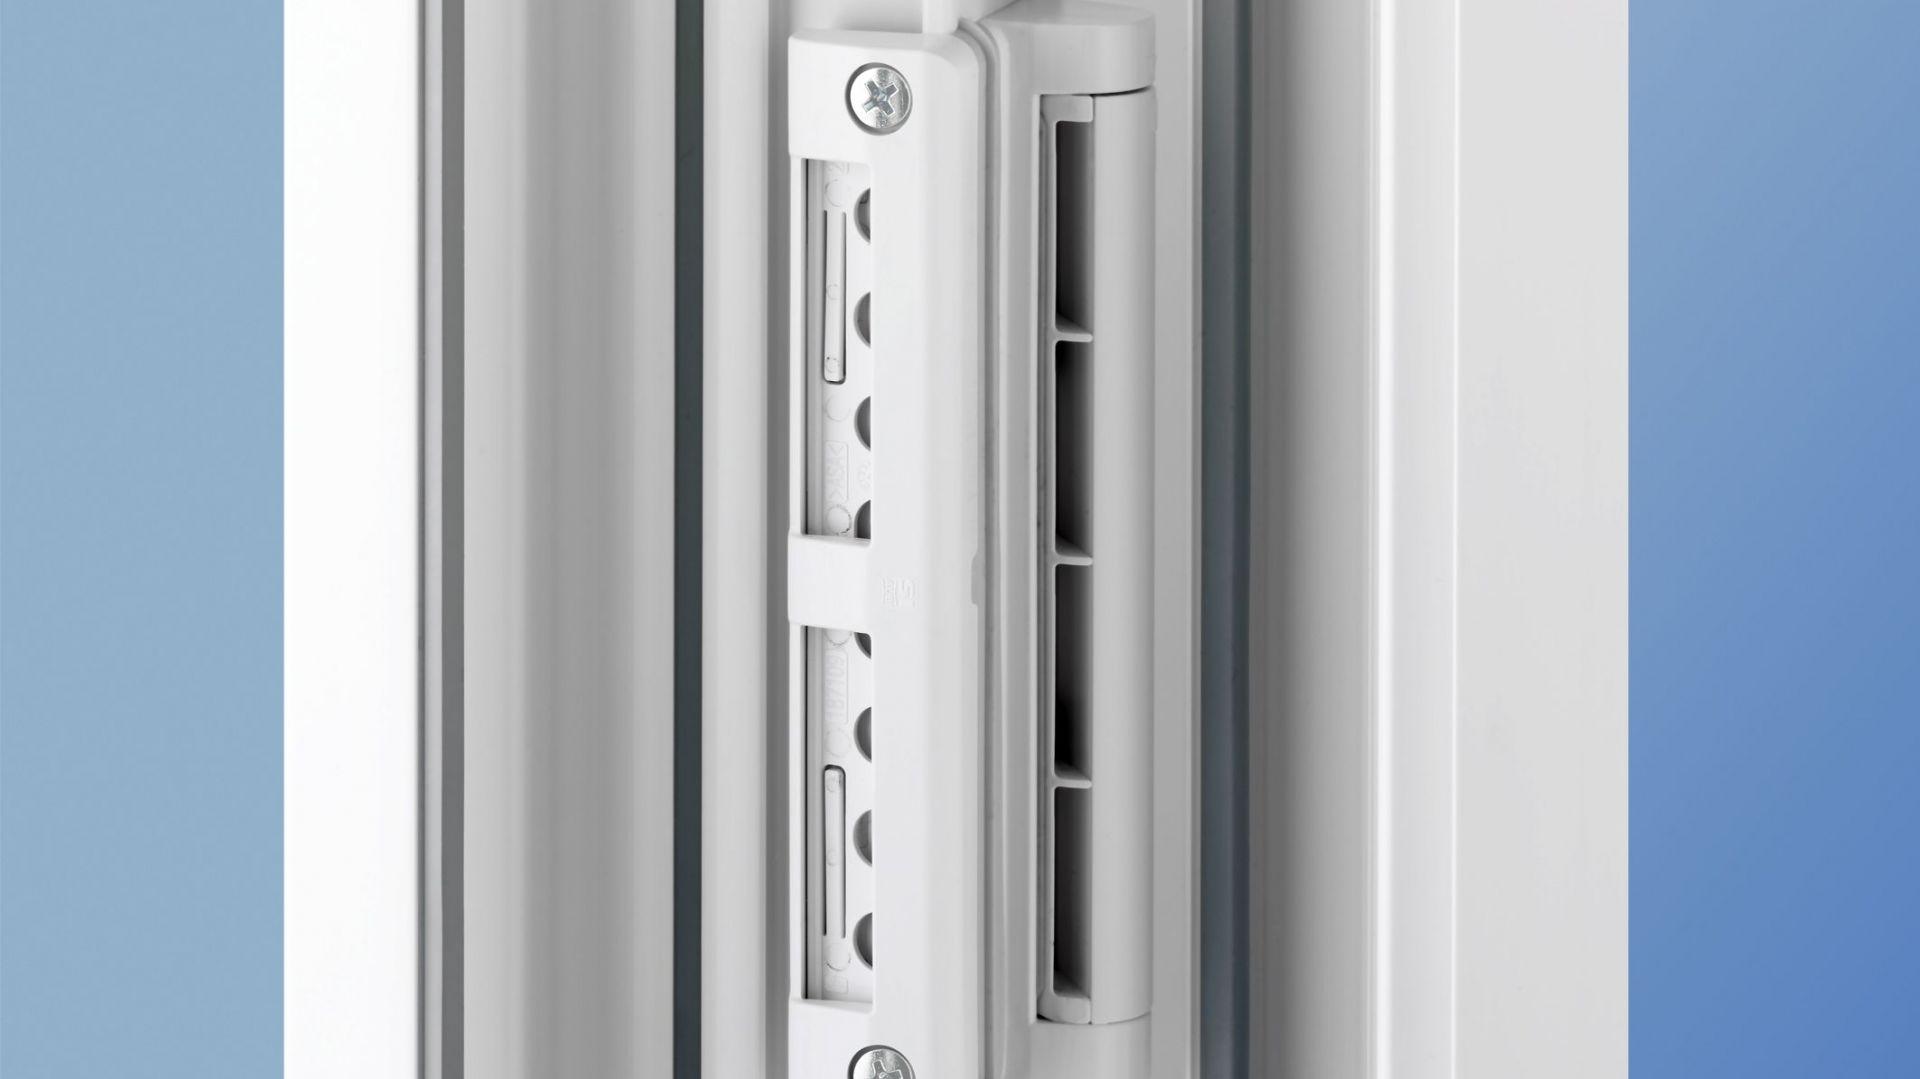 Pewnym rozwiązaniem (oprócz regularnego wycierania parapetów) jest systematyczne - co najmniej dwukrotne każdego dnia, wietrzenie domu. Niestety, oznacza to również utratę ciepła i uciążliwy obowiązek. Znacznie wygodniejsze jest zamontowanie nawiewników lub mikrowentylatorów, czyli urządzeń, które nieprzerwanie doprowadzają świeże powietrze.Fot. MS więcej niż Okna